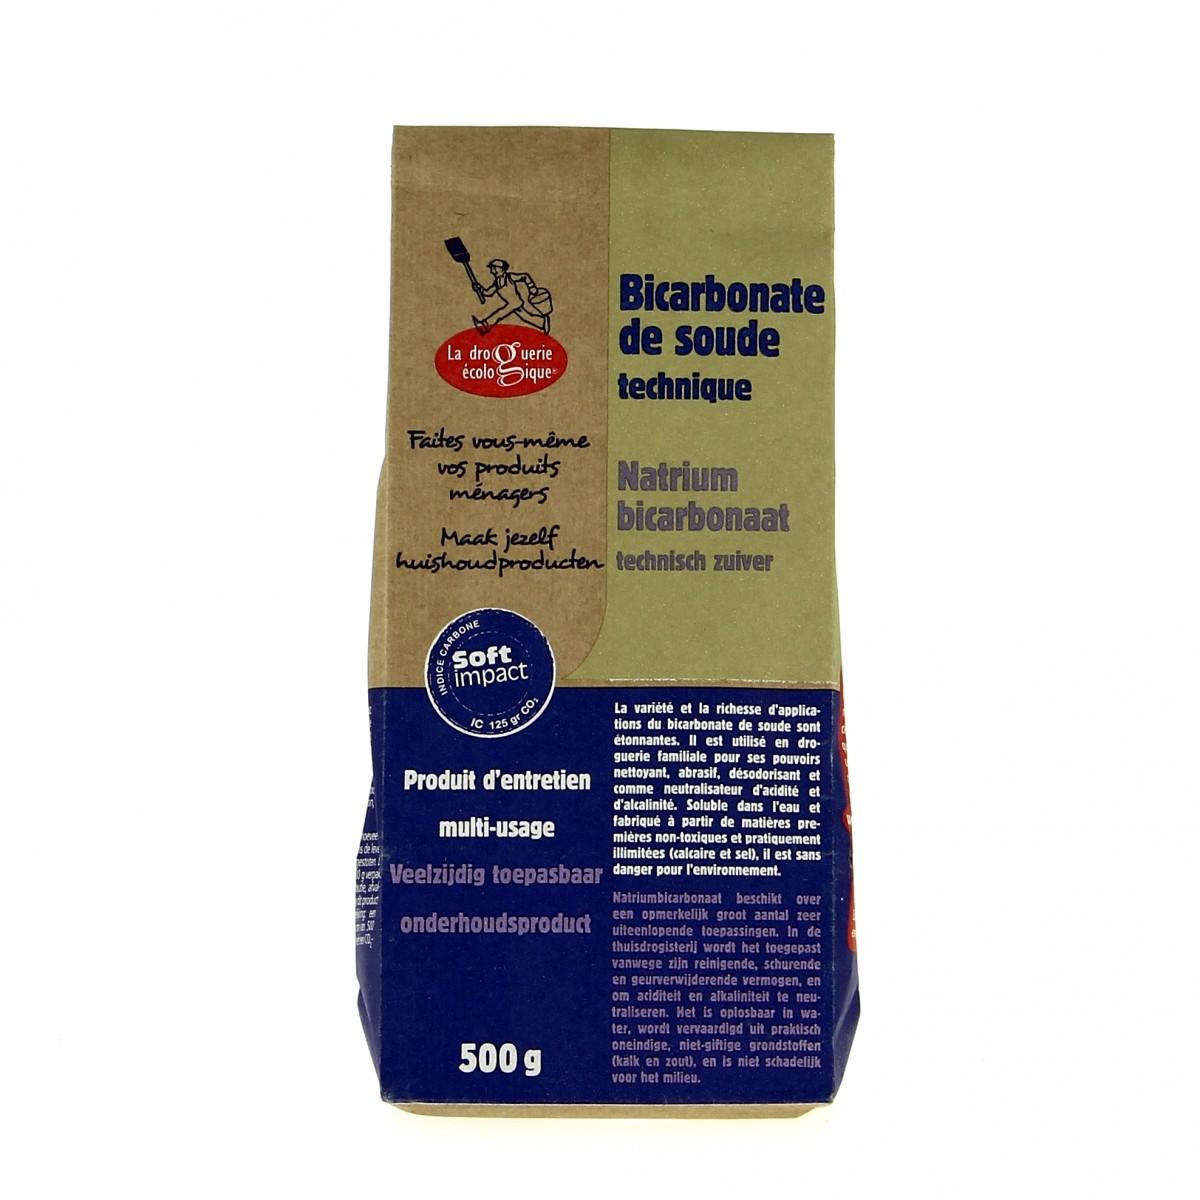 Bicarbonate de soude technique sebio - Utilisation bicarbonate de soude ...